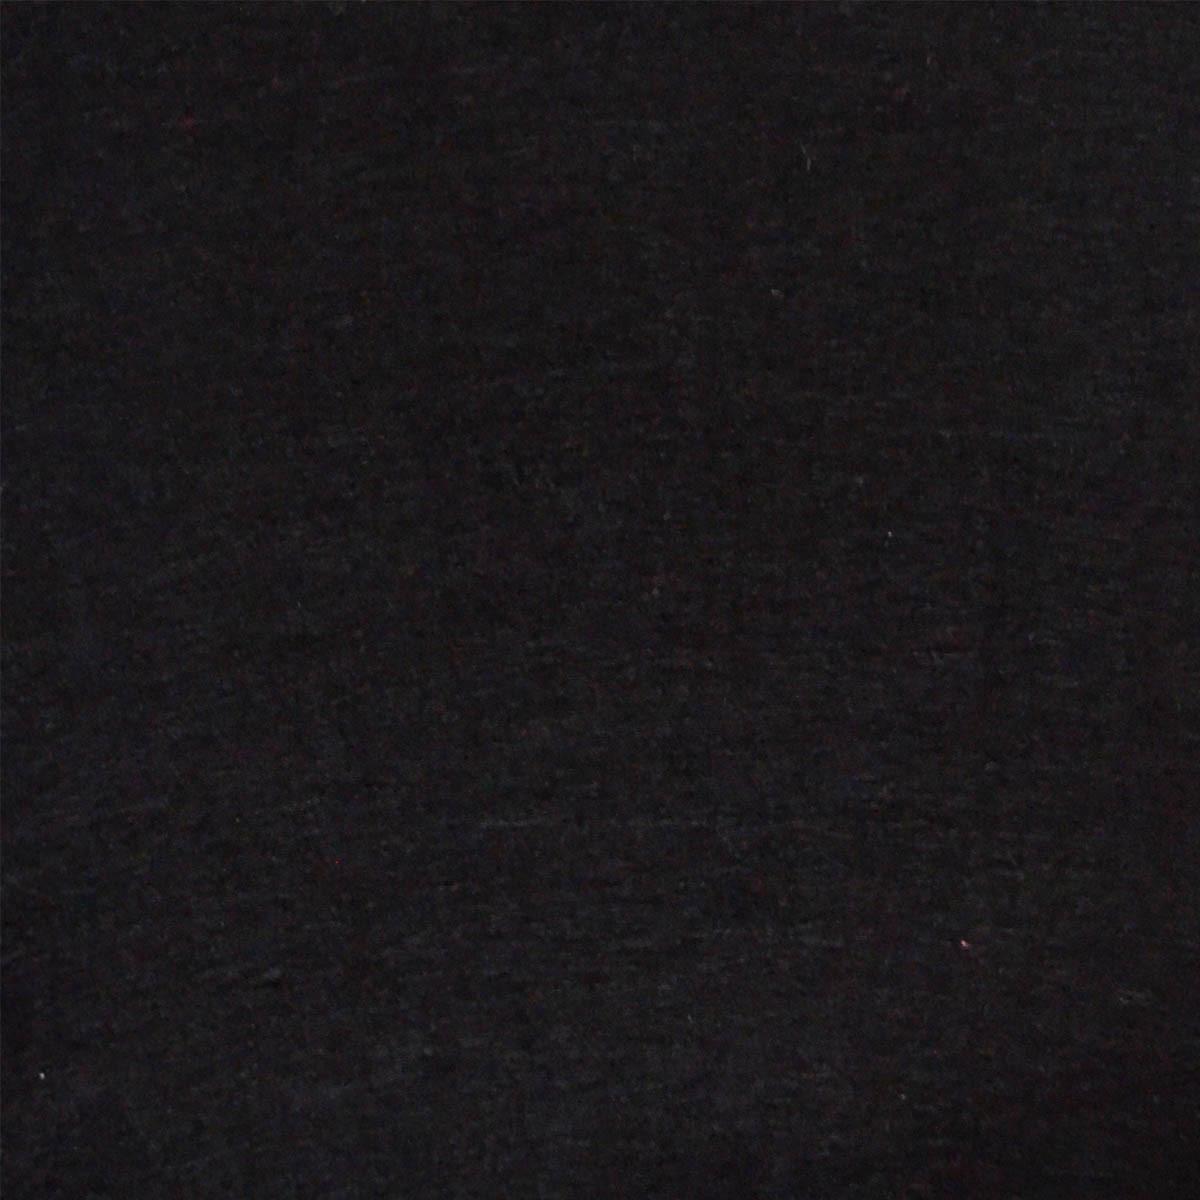 Фетр мягкий Santi черный 21*30 см.740452